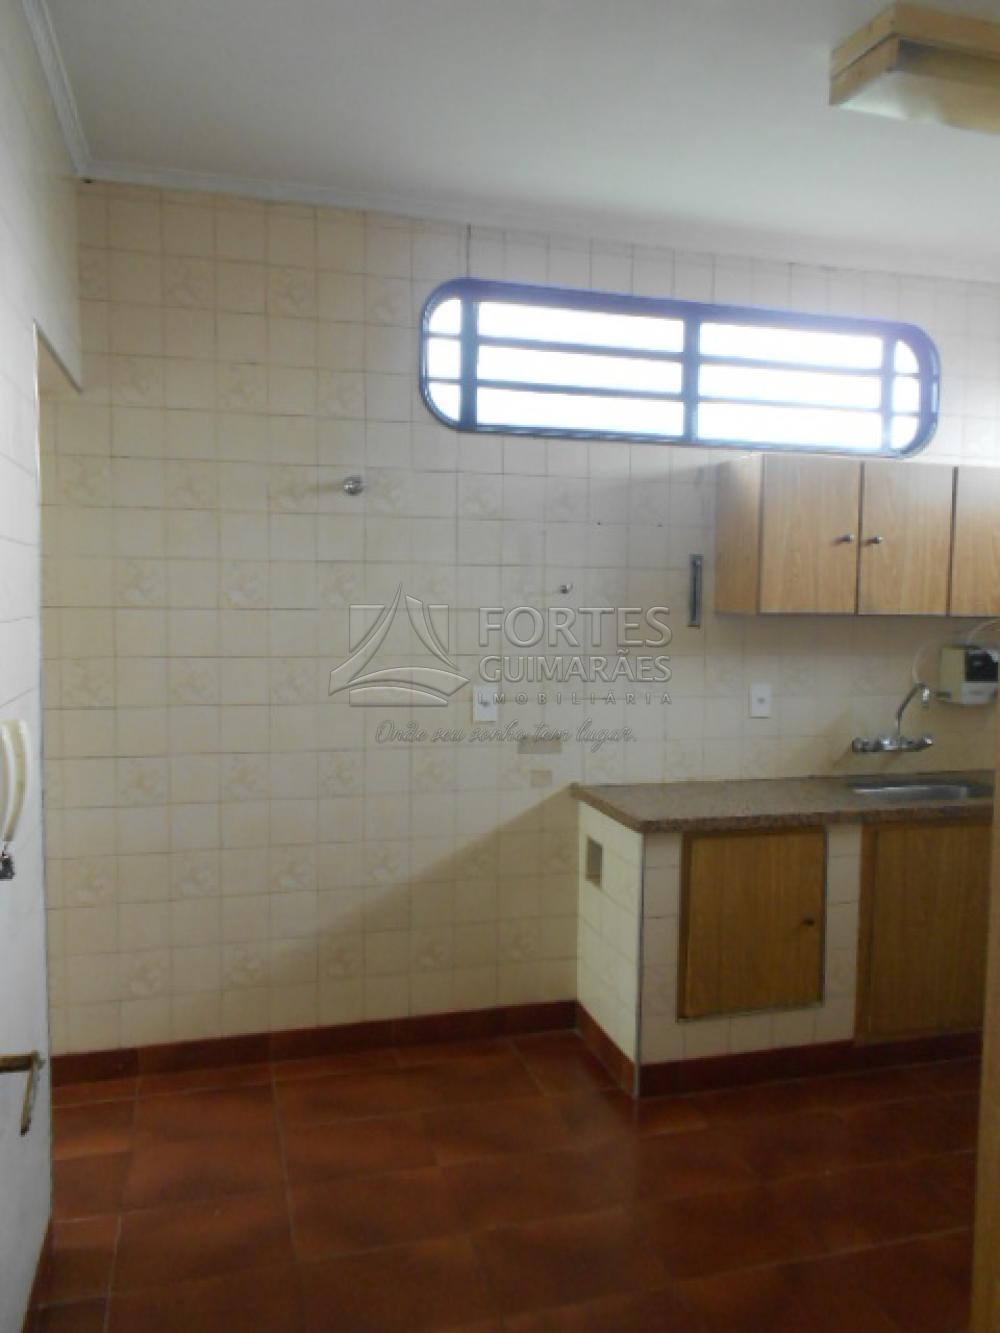 Alugar Comercial / Imóvel Comercial em Ribeirão Preto apenas R$ 5.000,00 - Foto 50